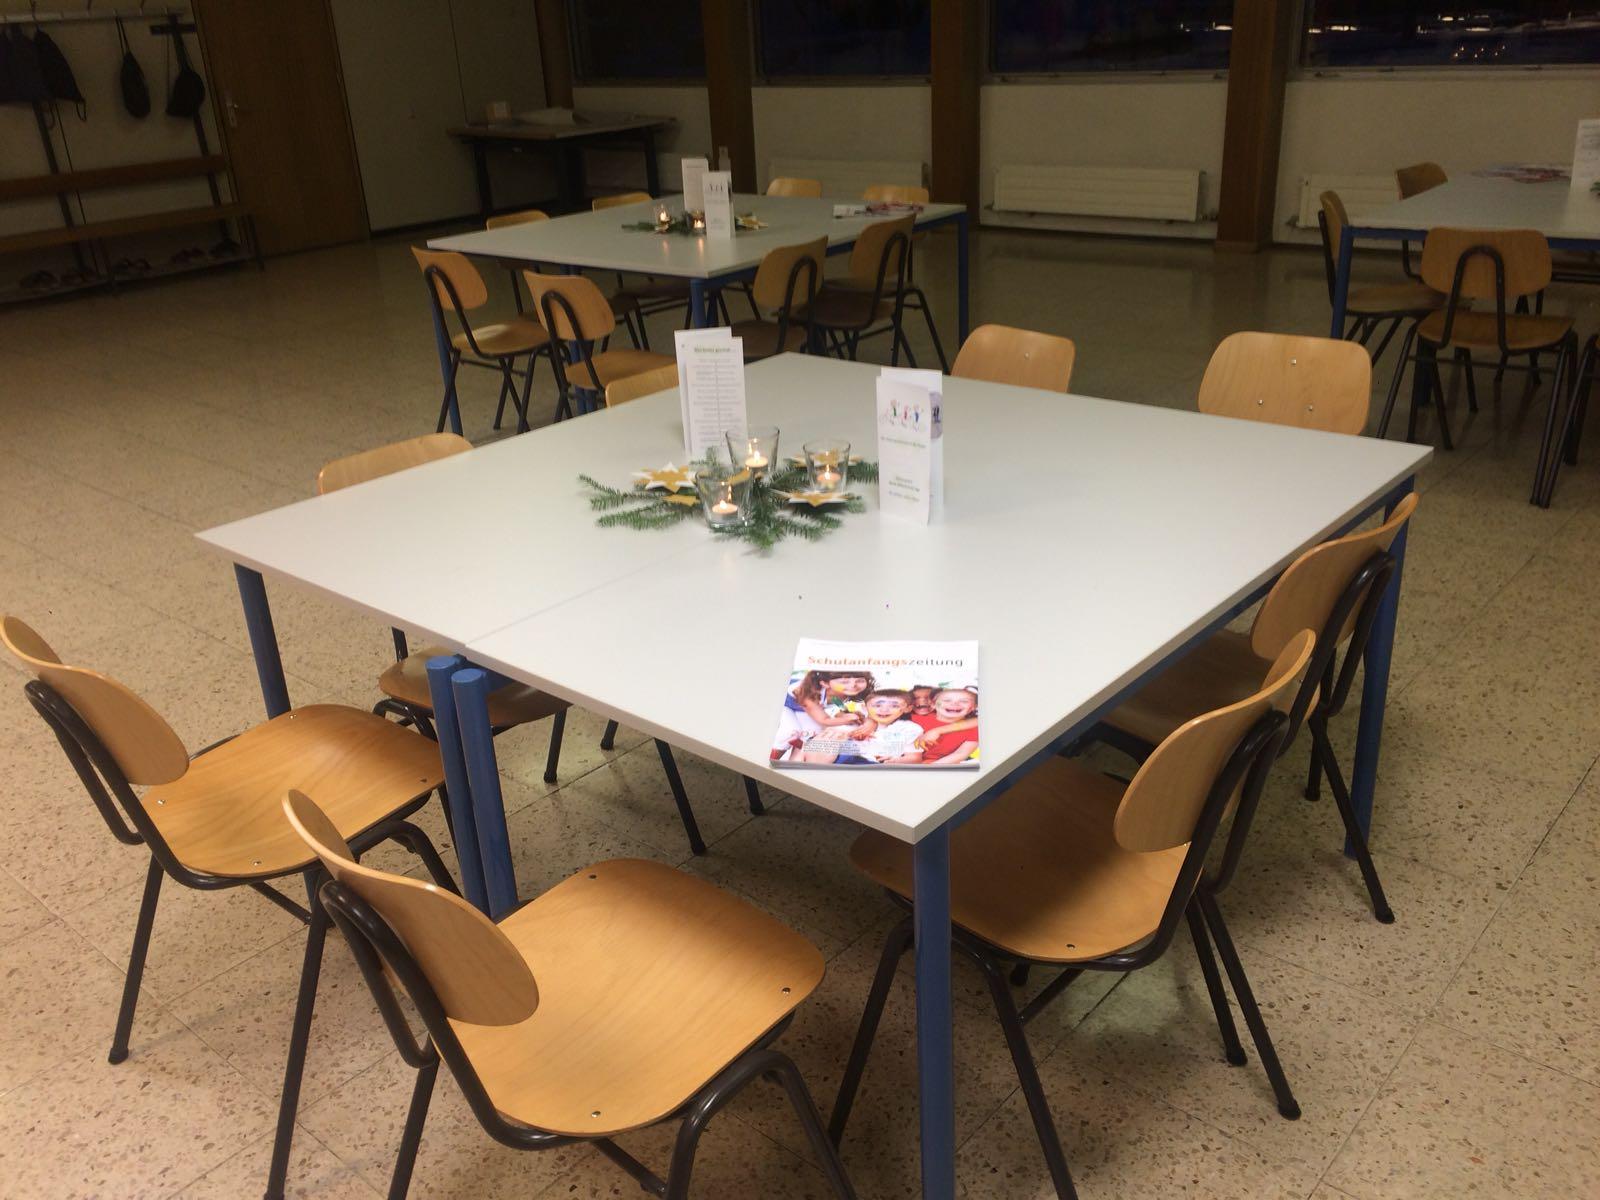 die Schüler dekorierten geschmackvoll die Tische